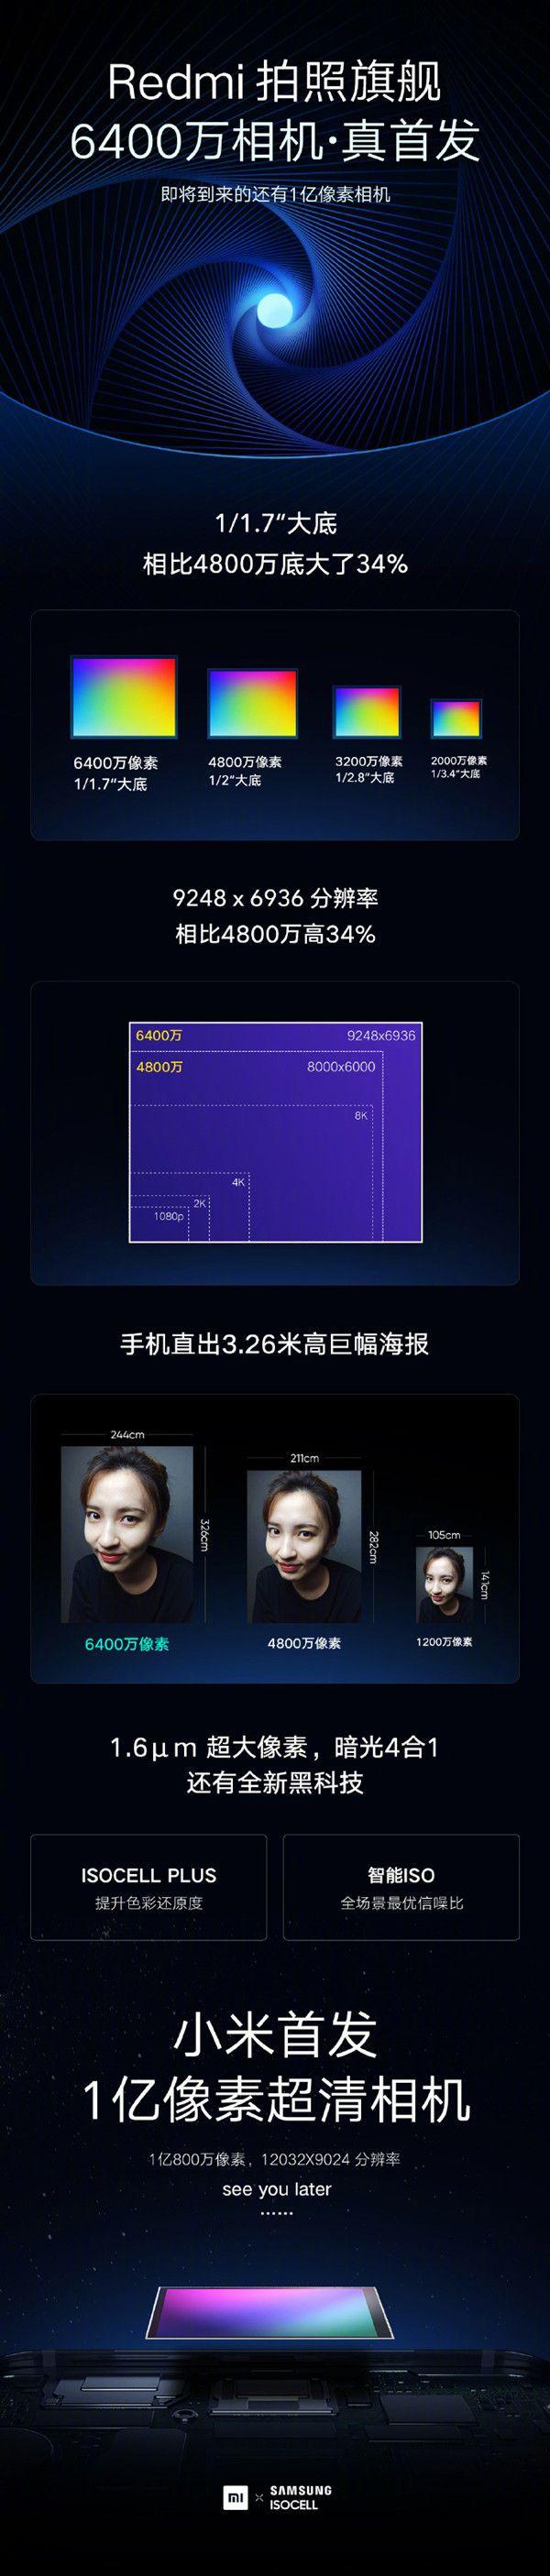 Xiaomi обещает выпуск новых смартфонов